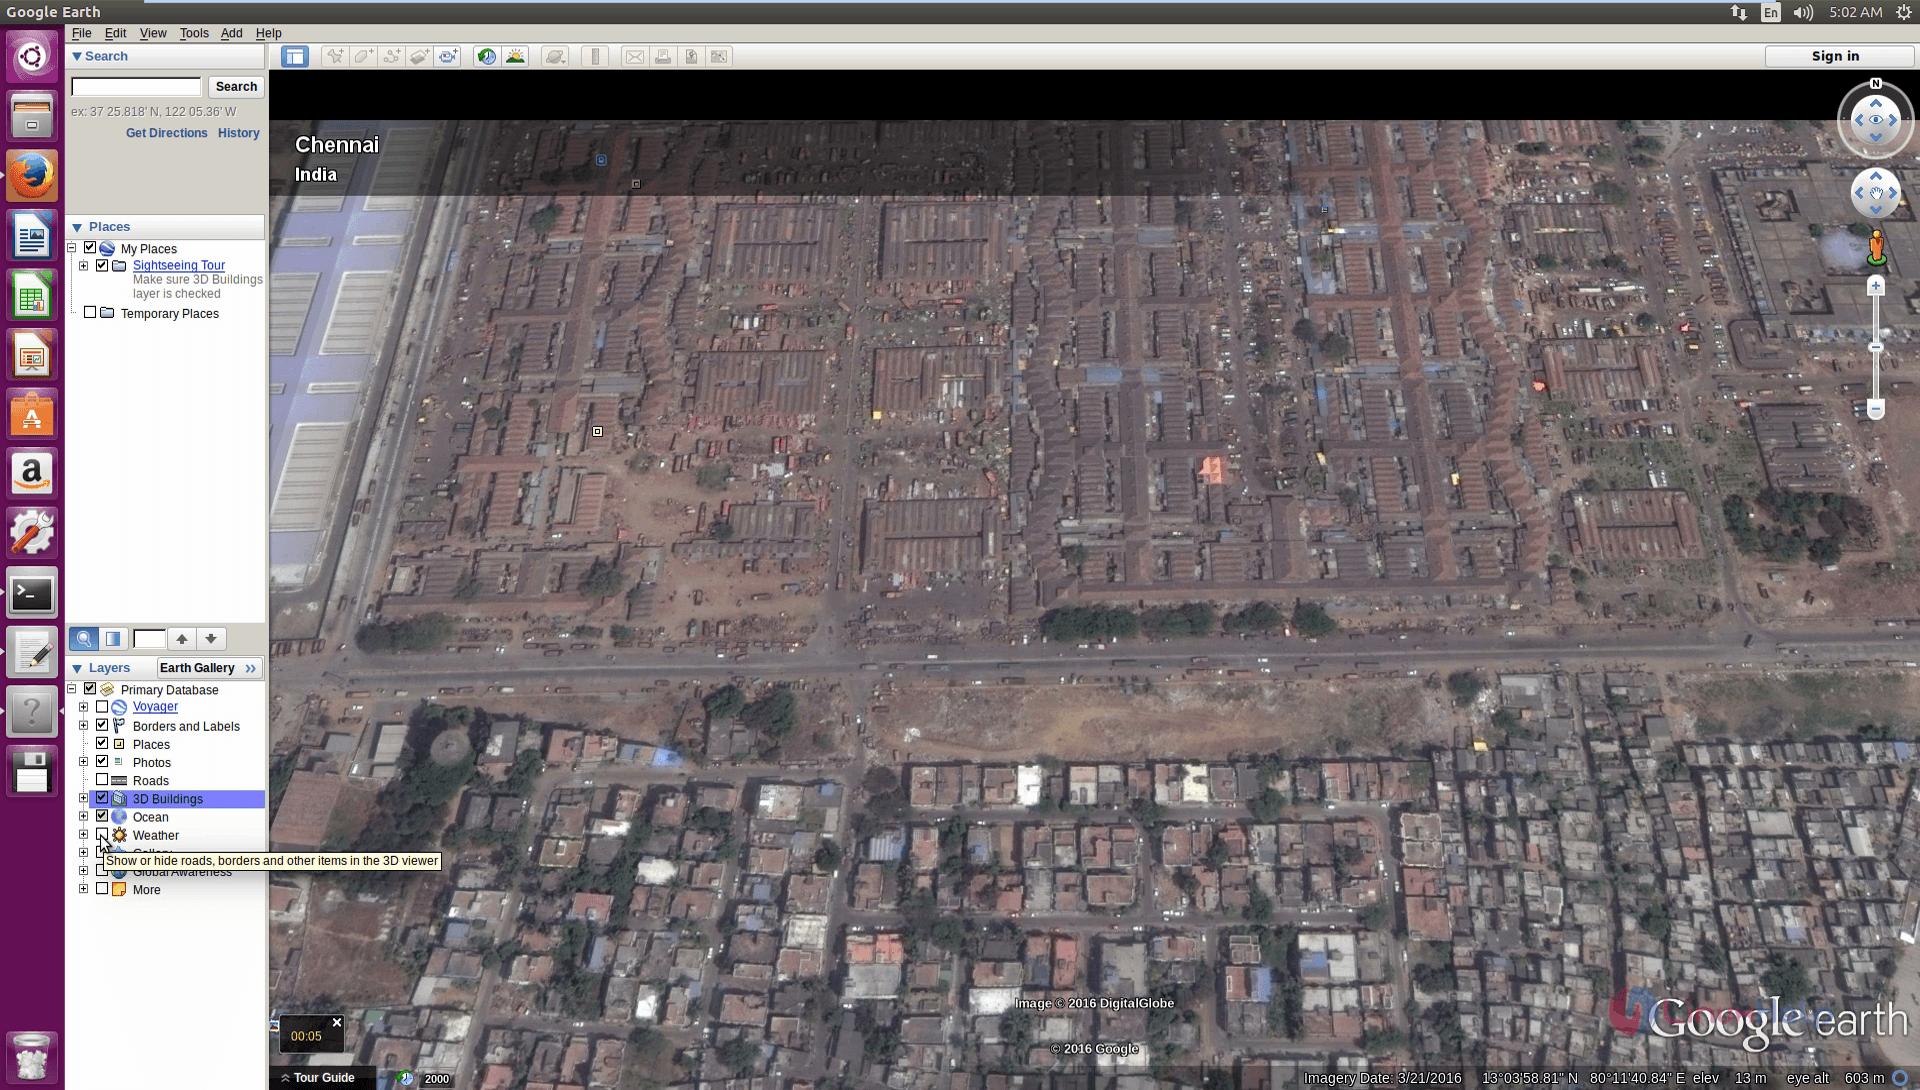 Installation_Google_Earth_Ubuntu16.04_Weather